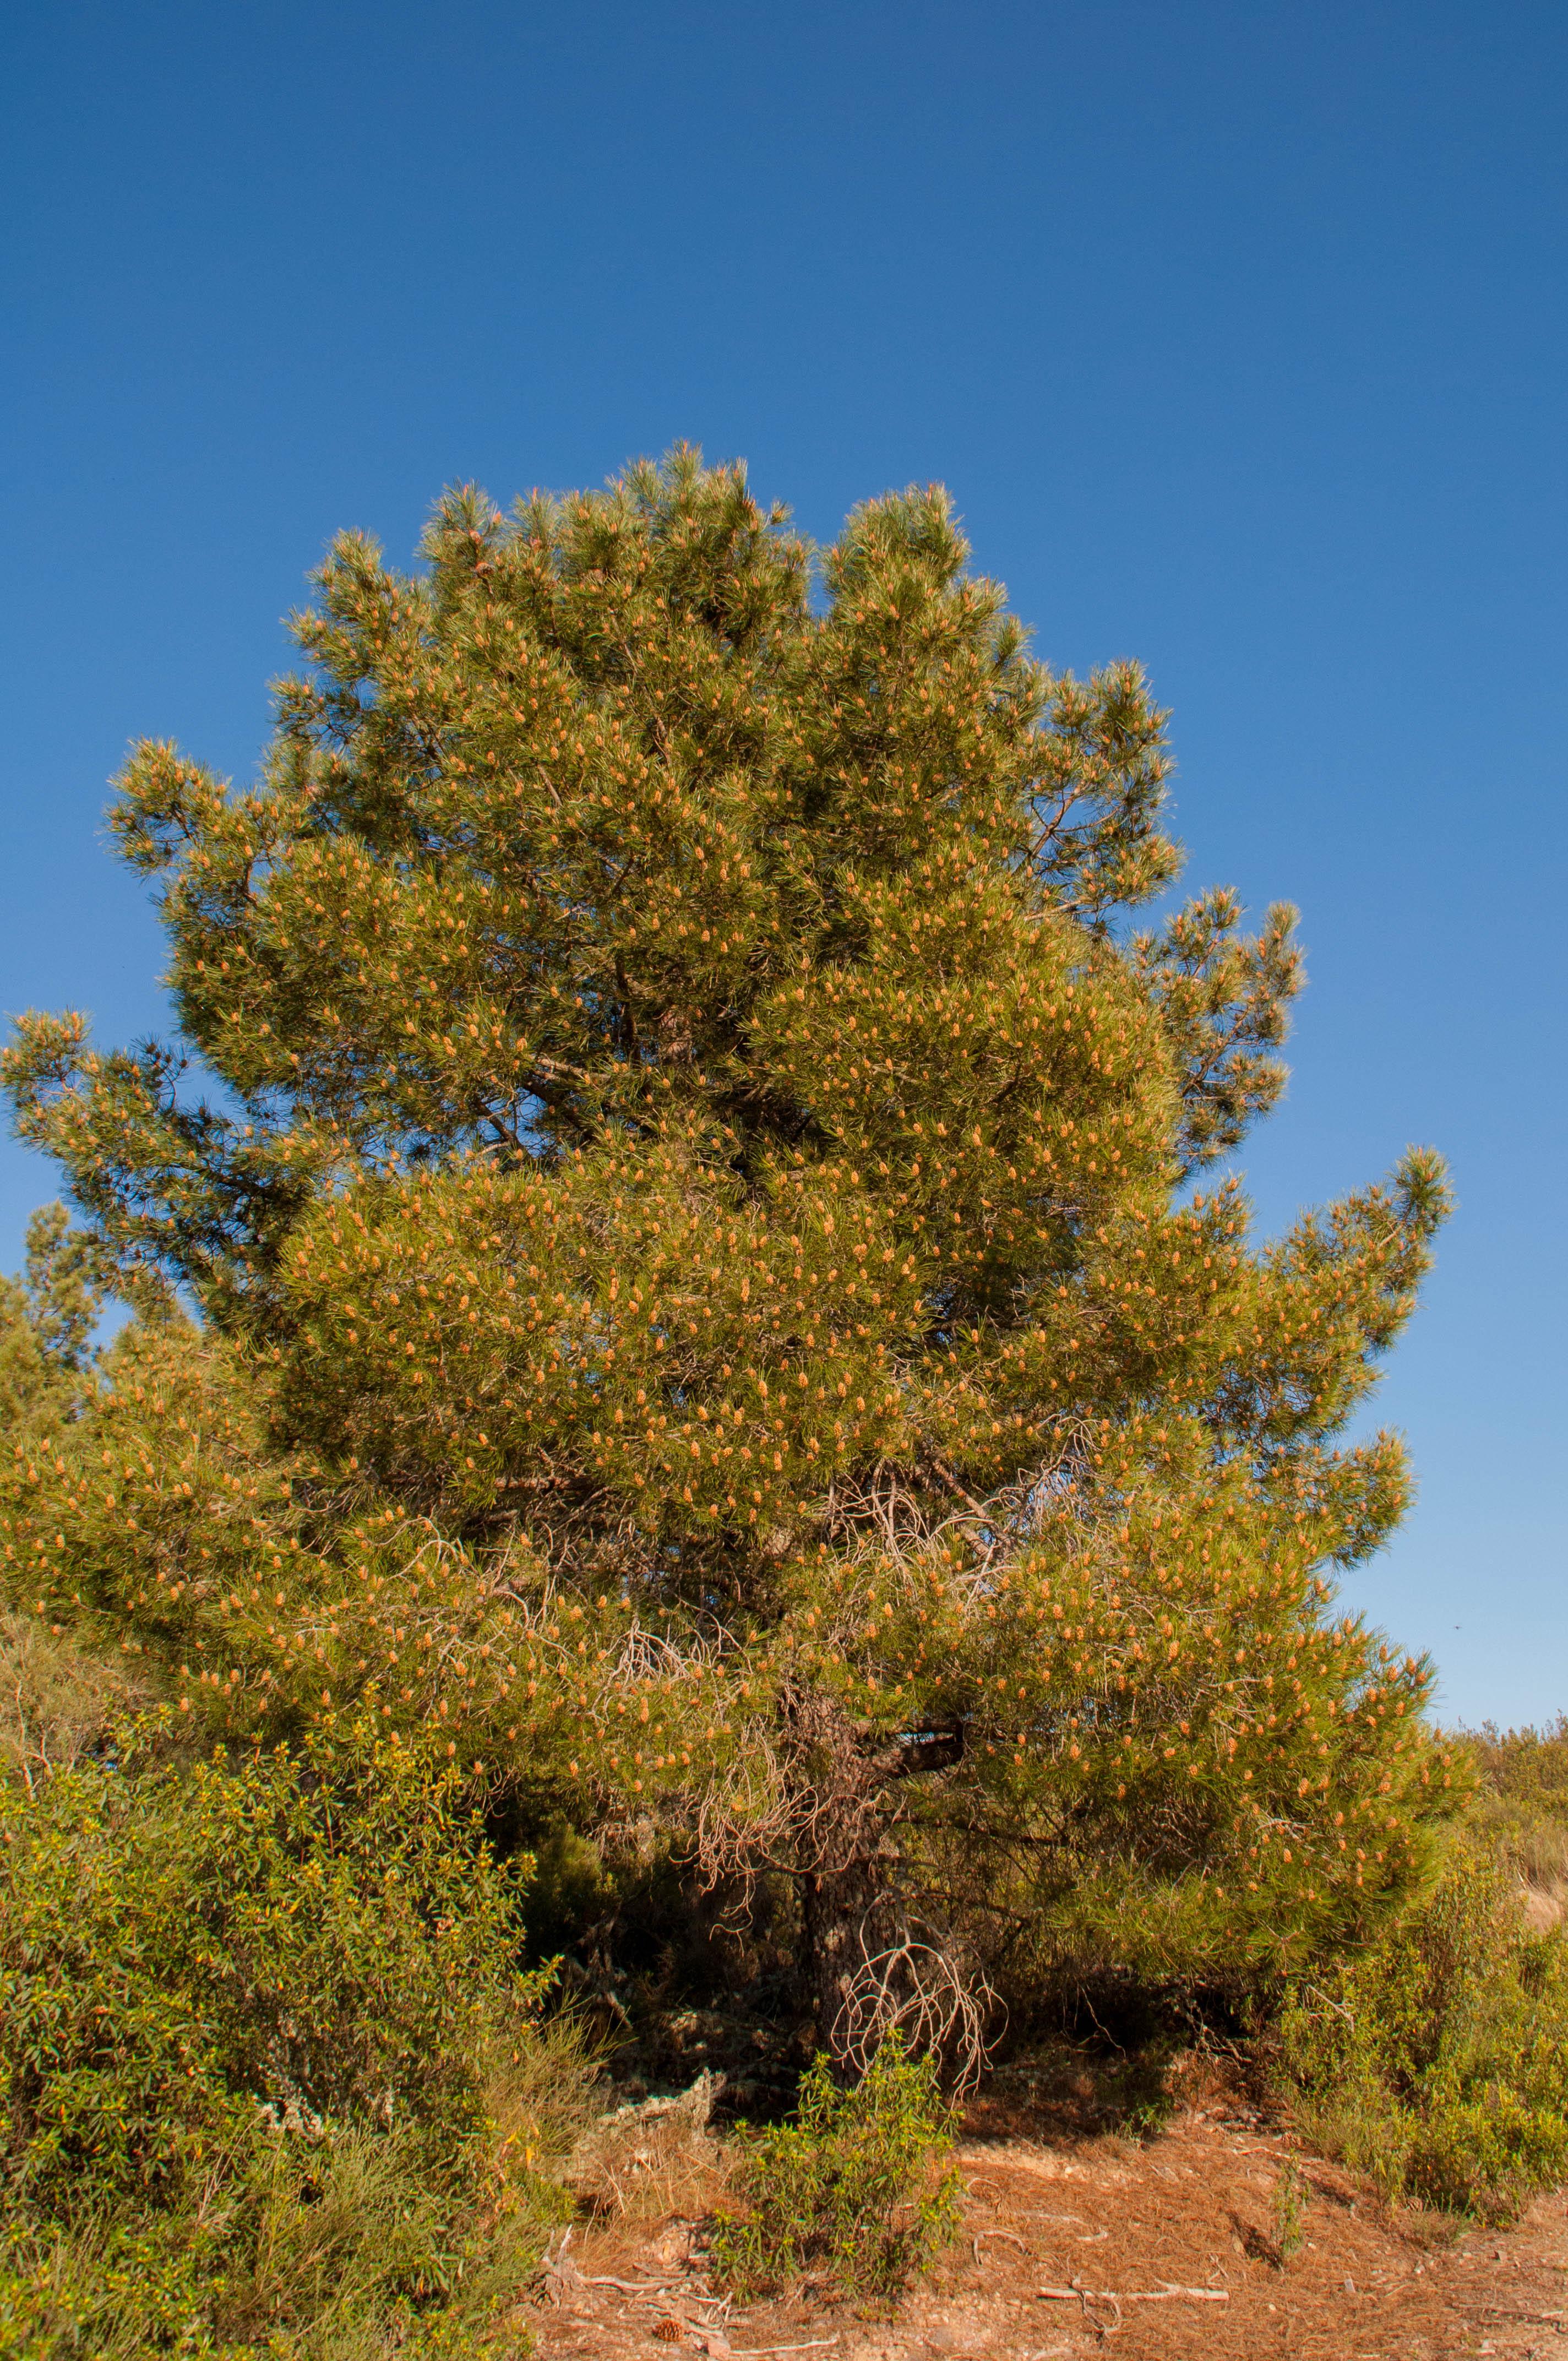 Pinus pinaster Las obreras de Aliste